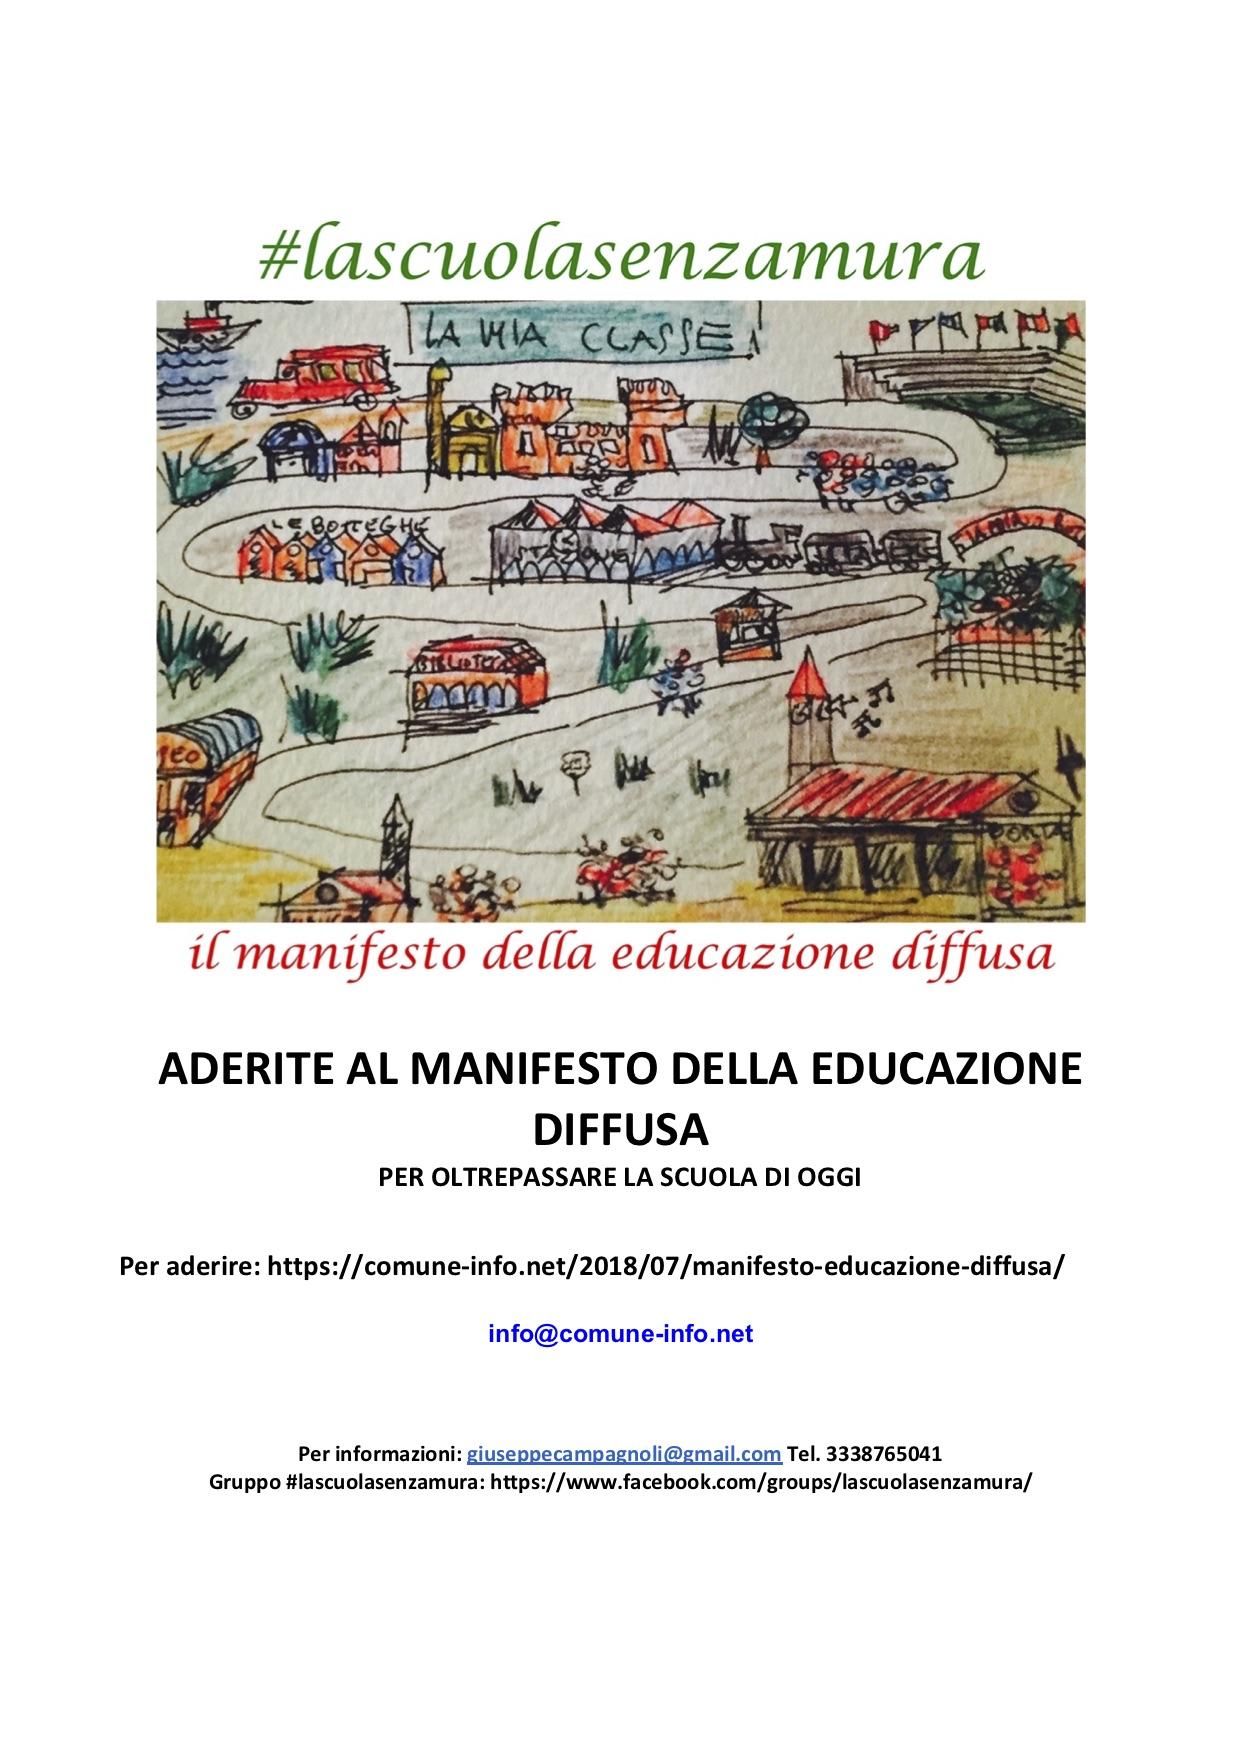 Manifesto dell'educazione diffusa – Comune-info